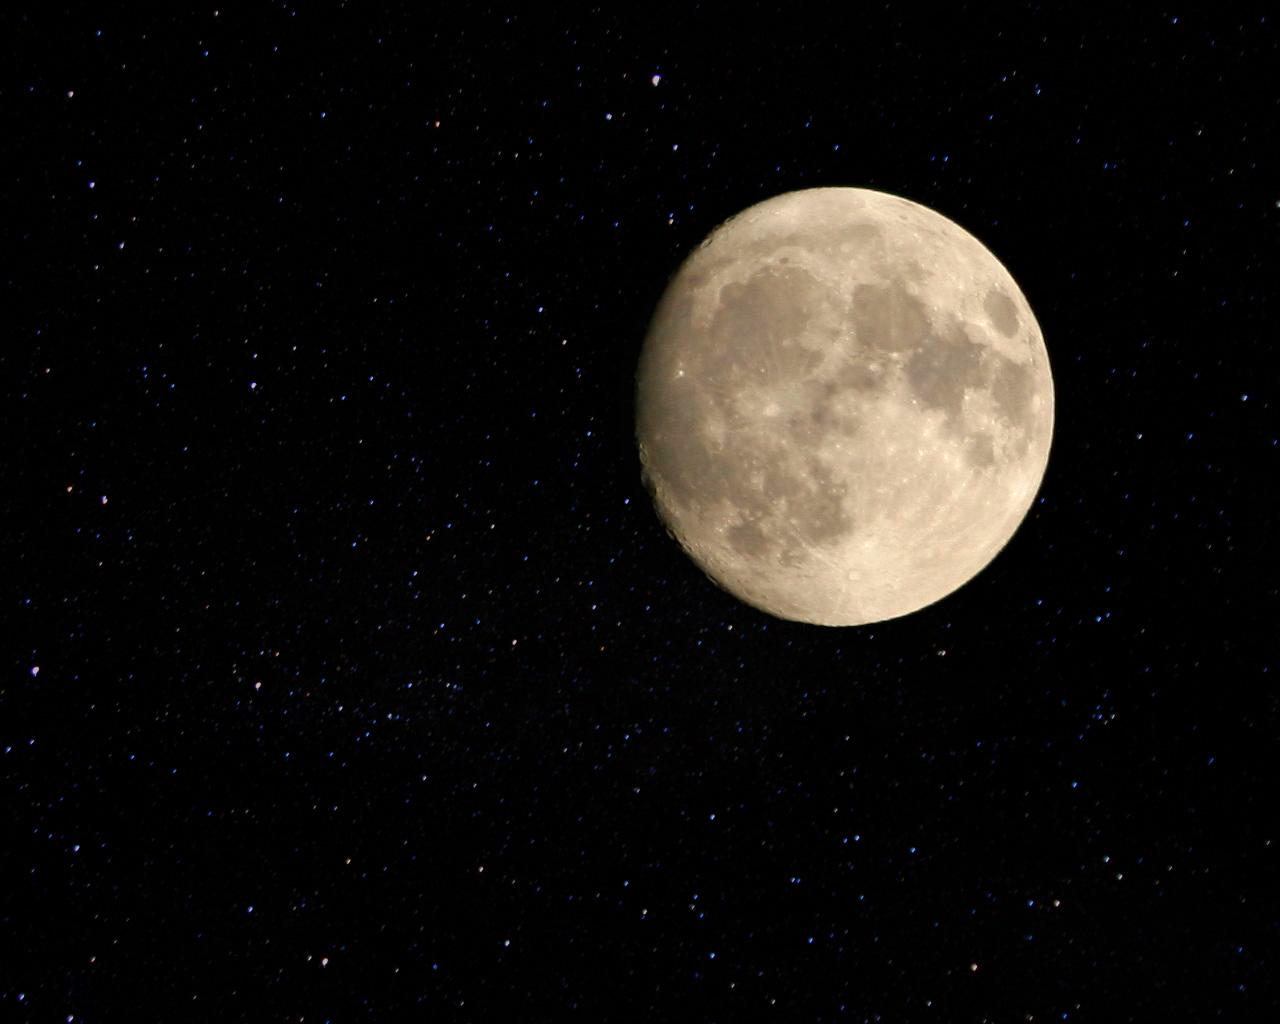 Verdades al Descubierto (Shou) Luna1280x1024